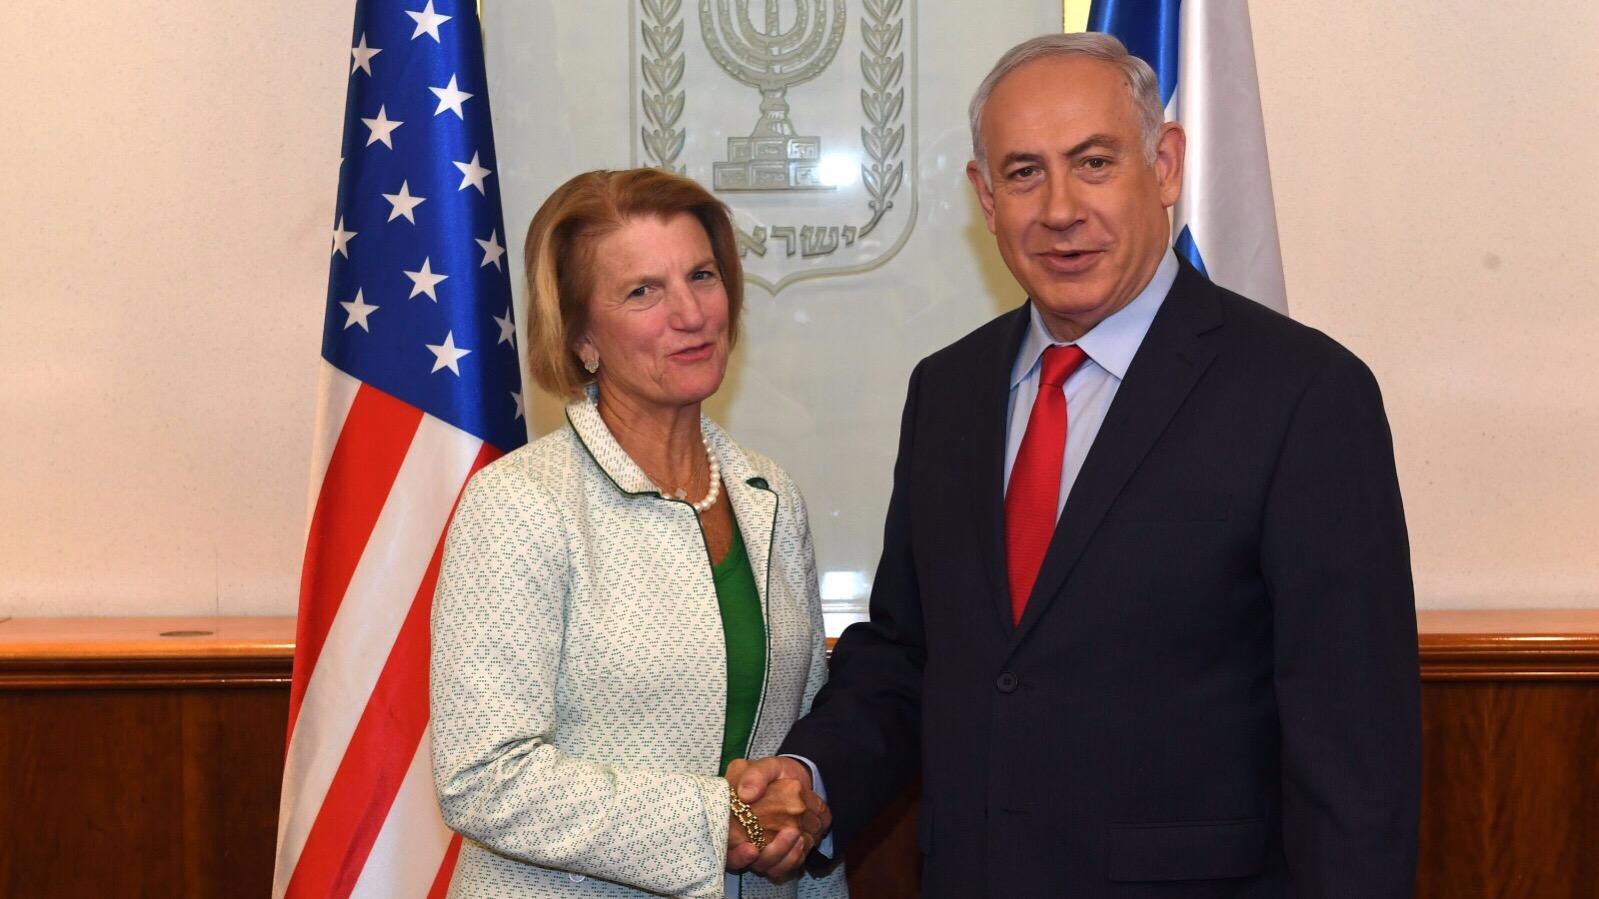 נתניהו הודה לסנטורית ממערב וירג'יניה על תמיכתה האיתנה בישראל